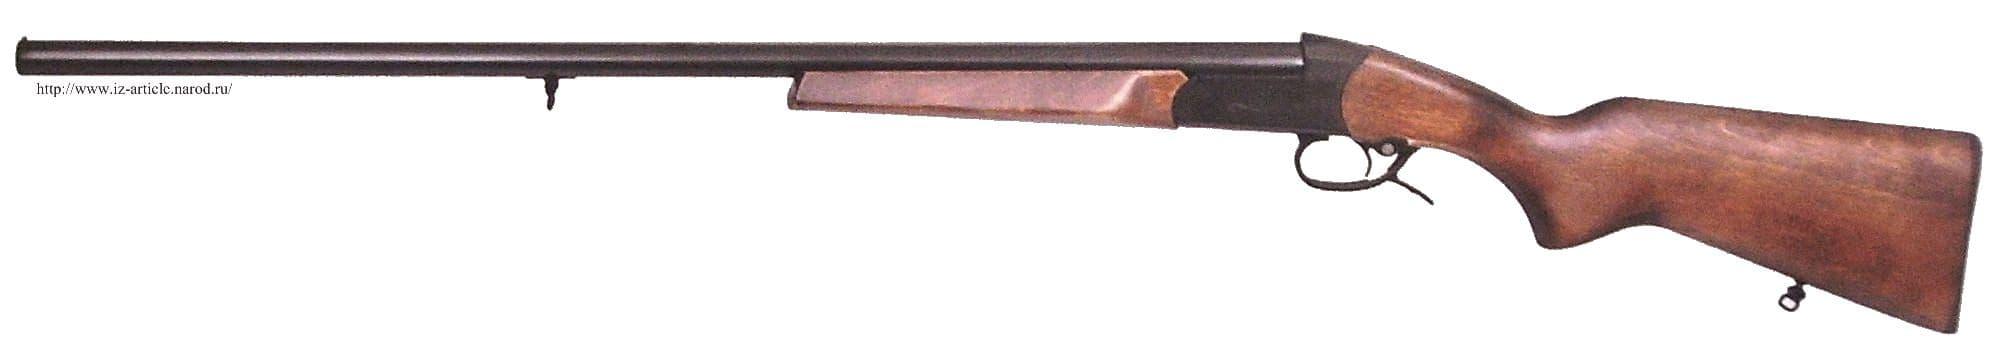 Однозарядное охотничье ружье ИЖ-18, izh-18. Производились на Ижевском механическом заводе.